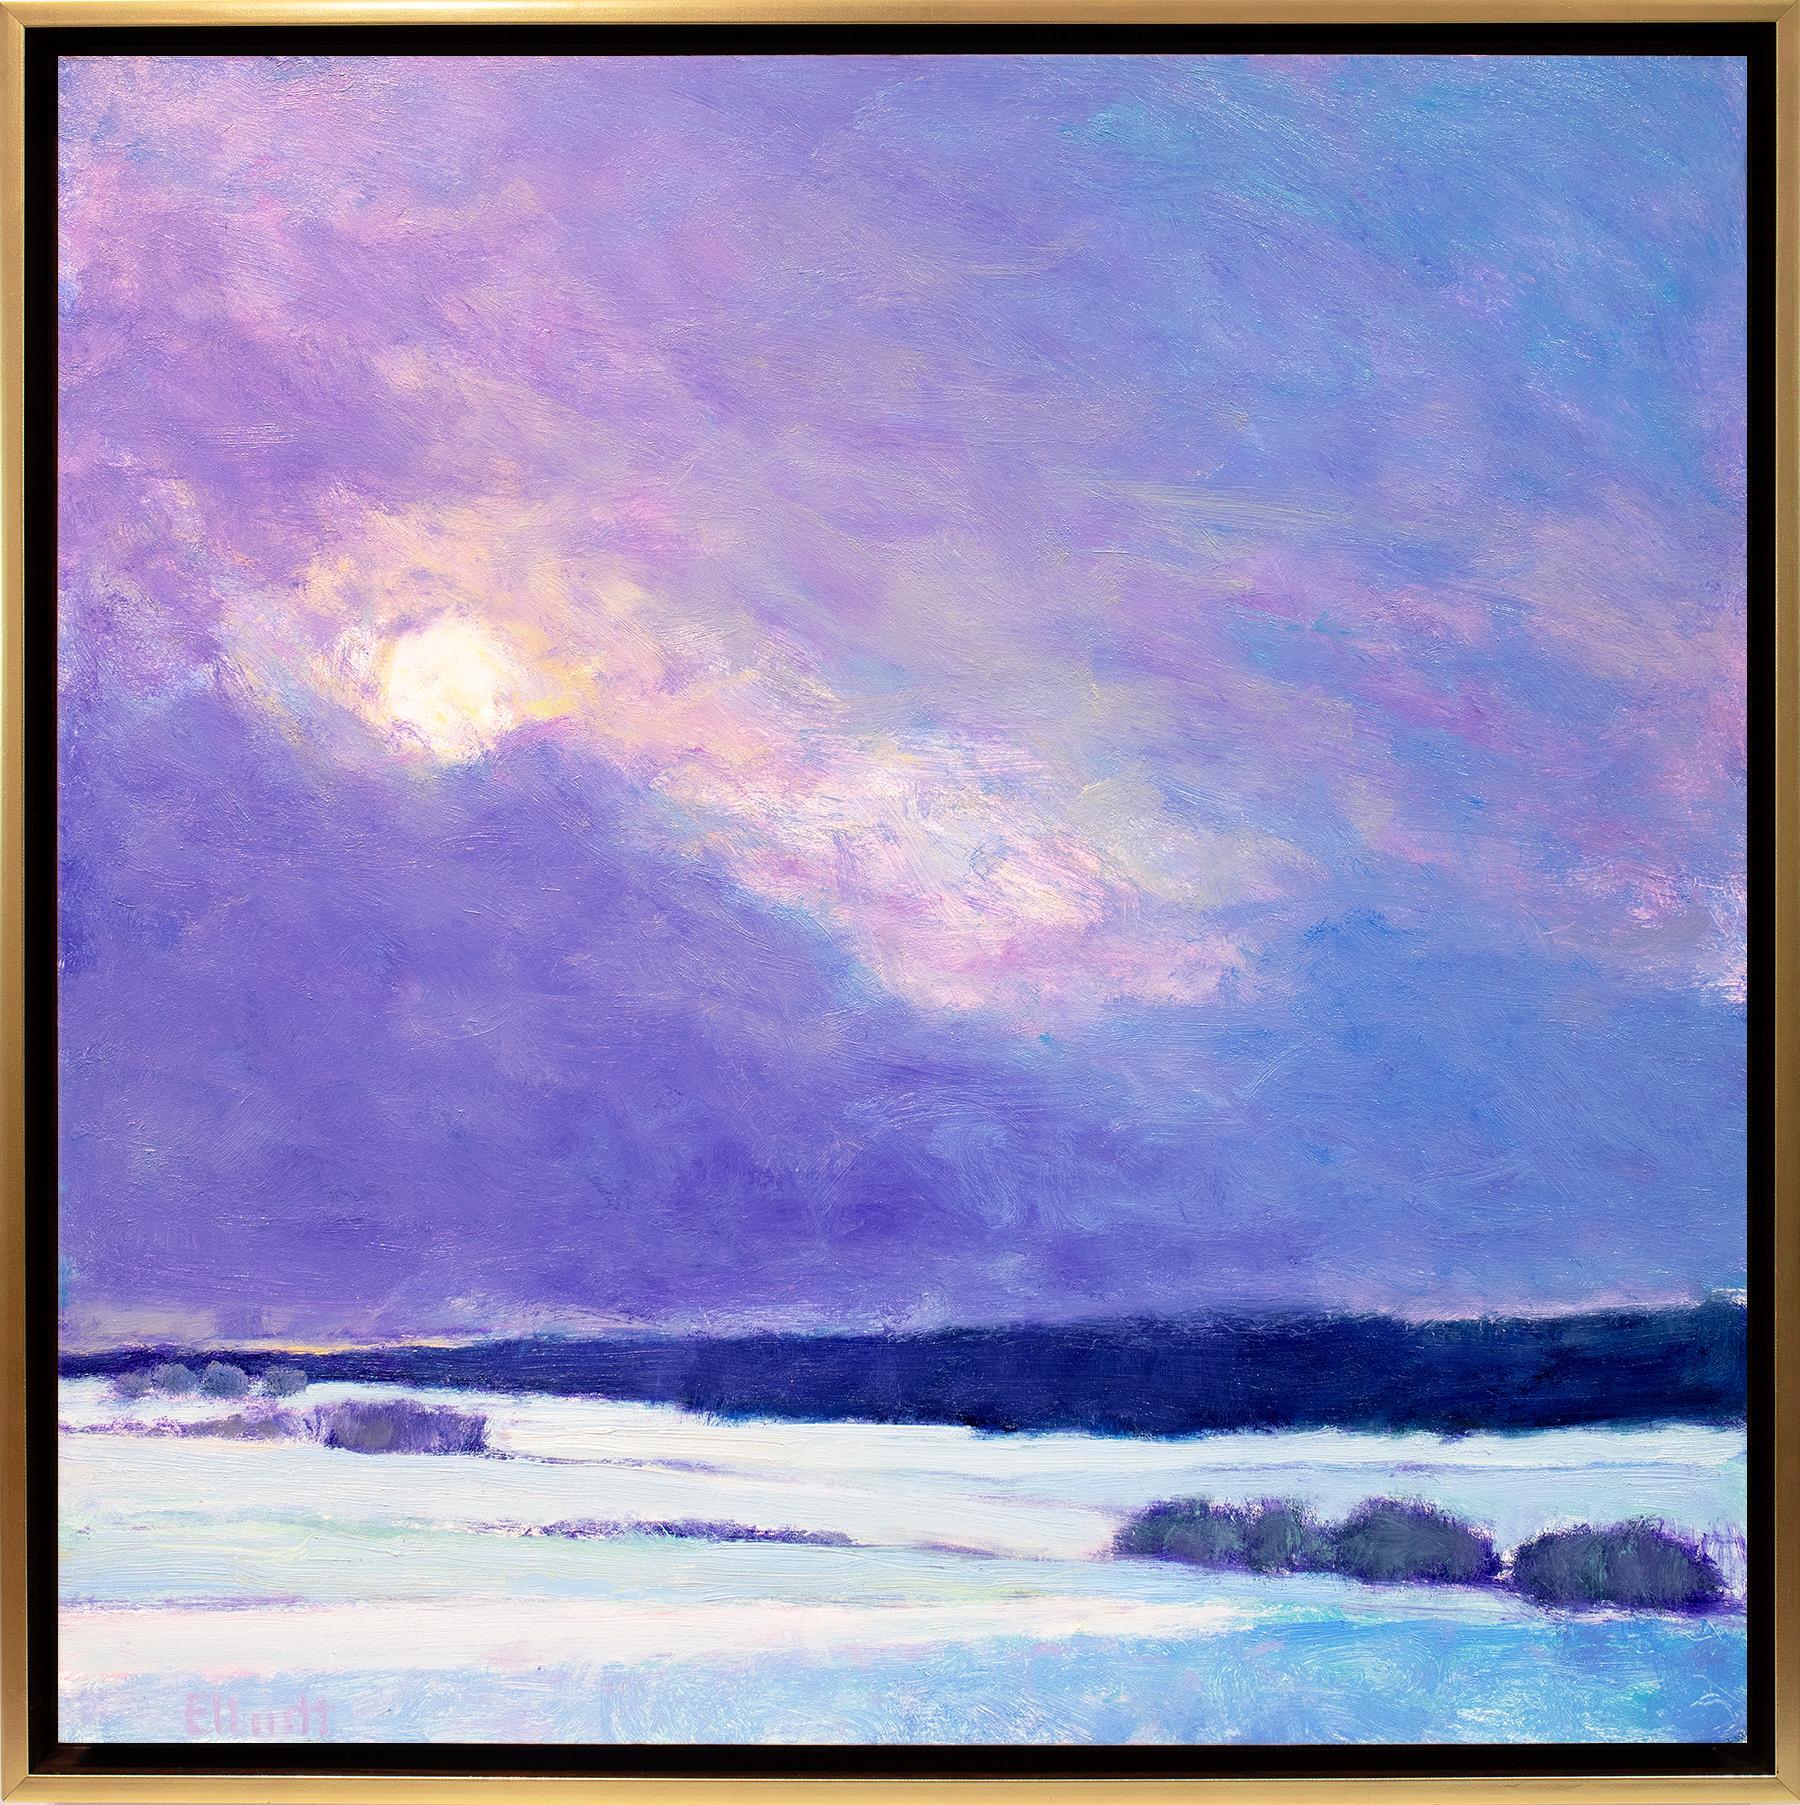 Sun on Snow II